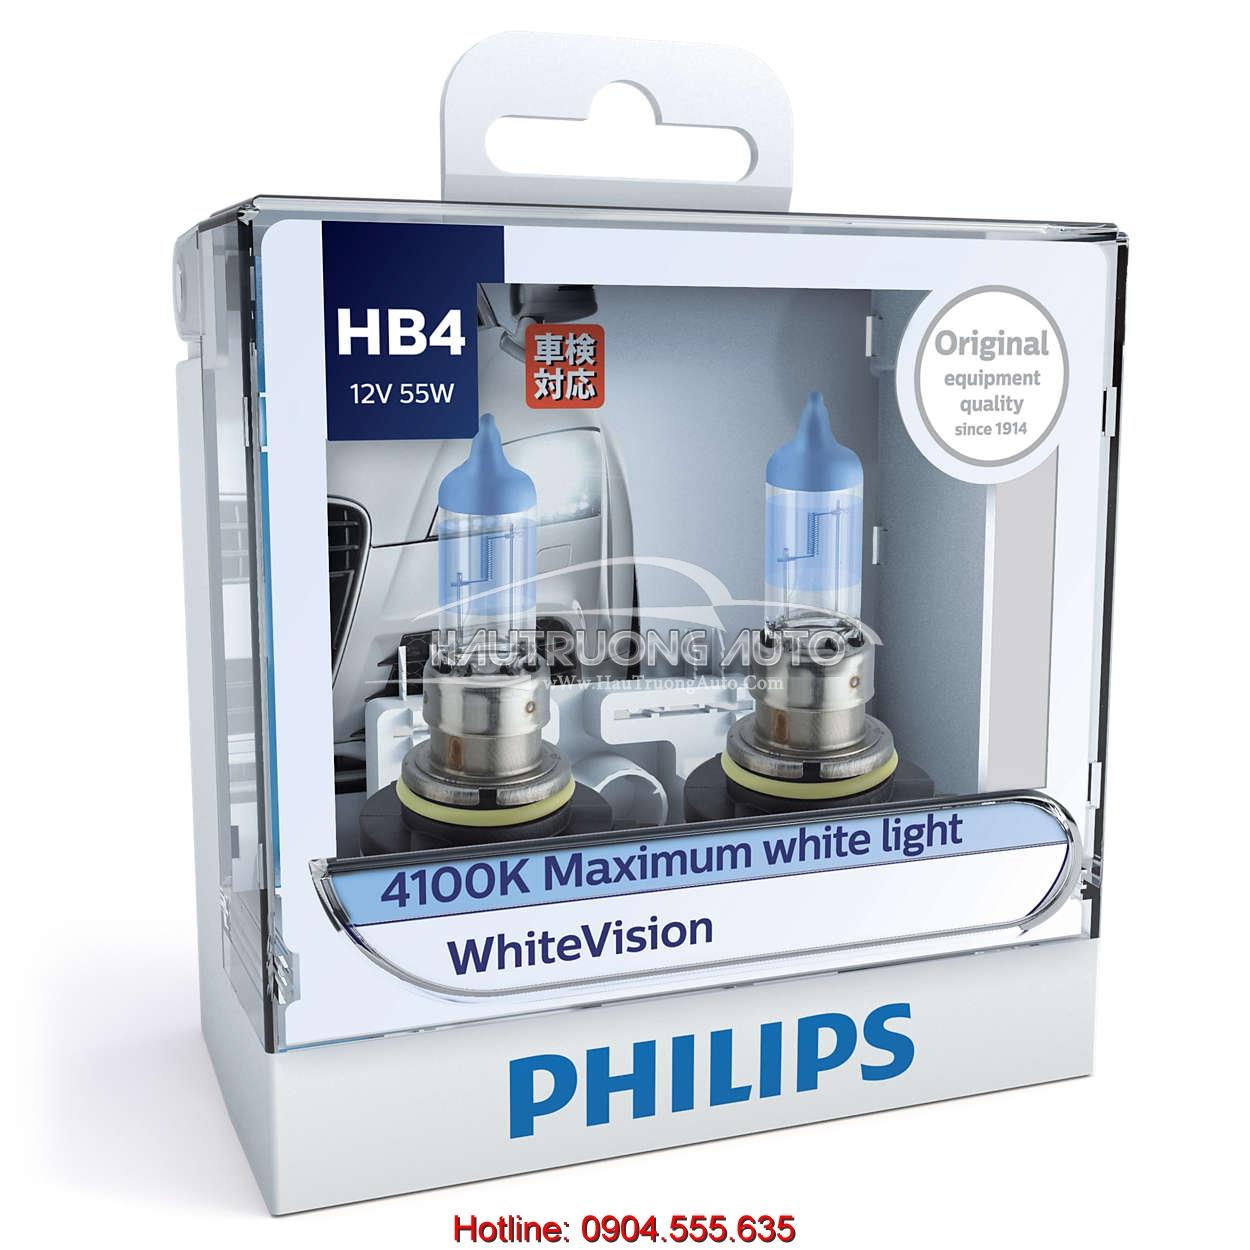 Bộ bóng đèn HB4 Philips WhiteVision cường độ cao